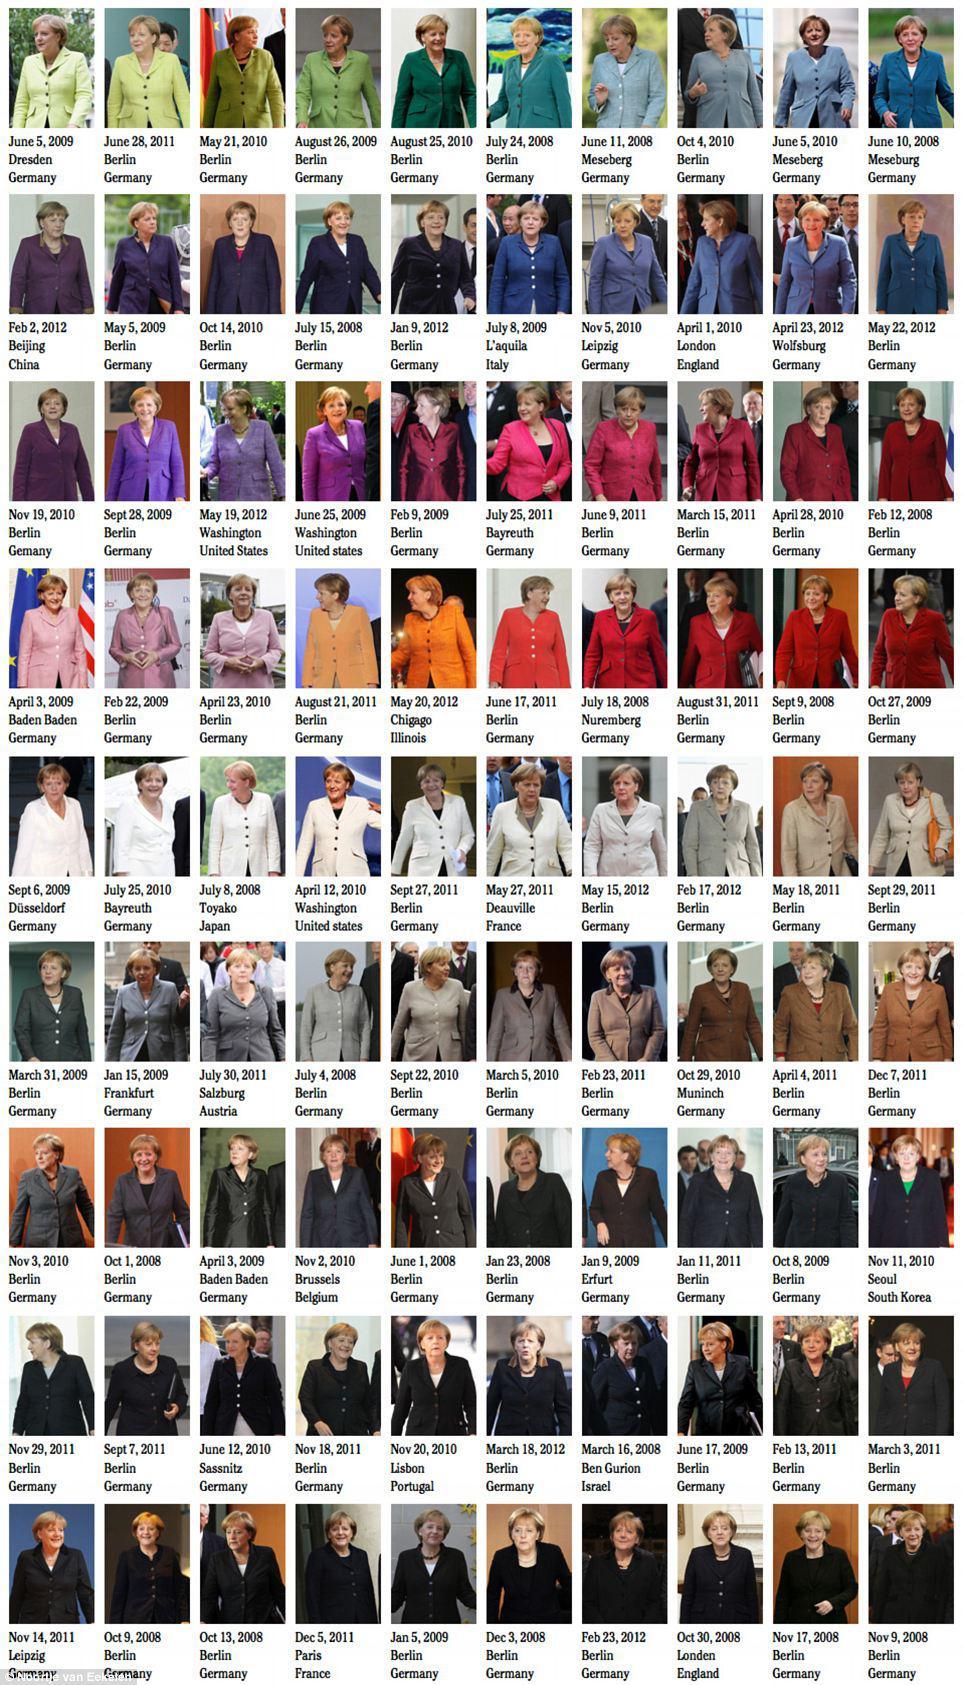 Pořád stejná, pokaždé jiná - kostýmky Angely Merkelové